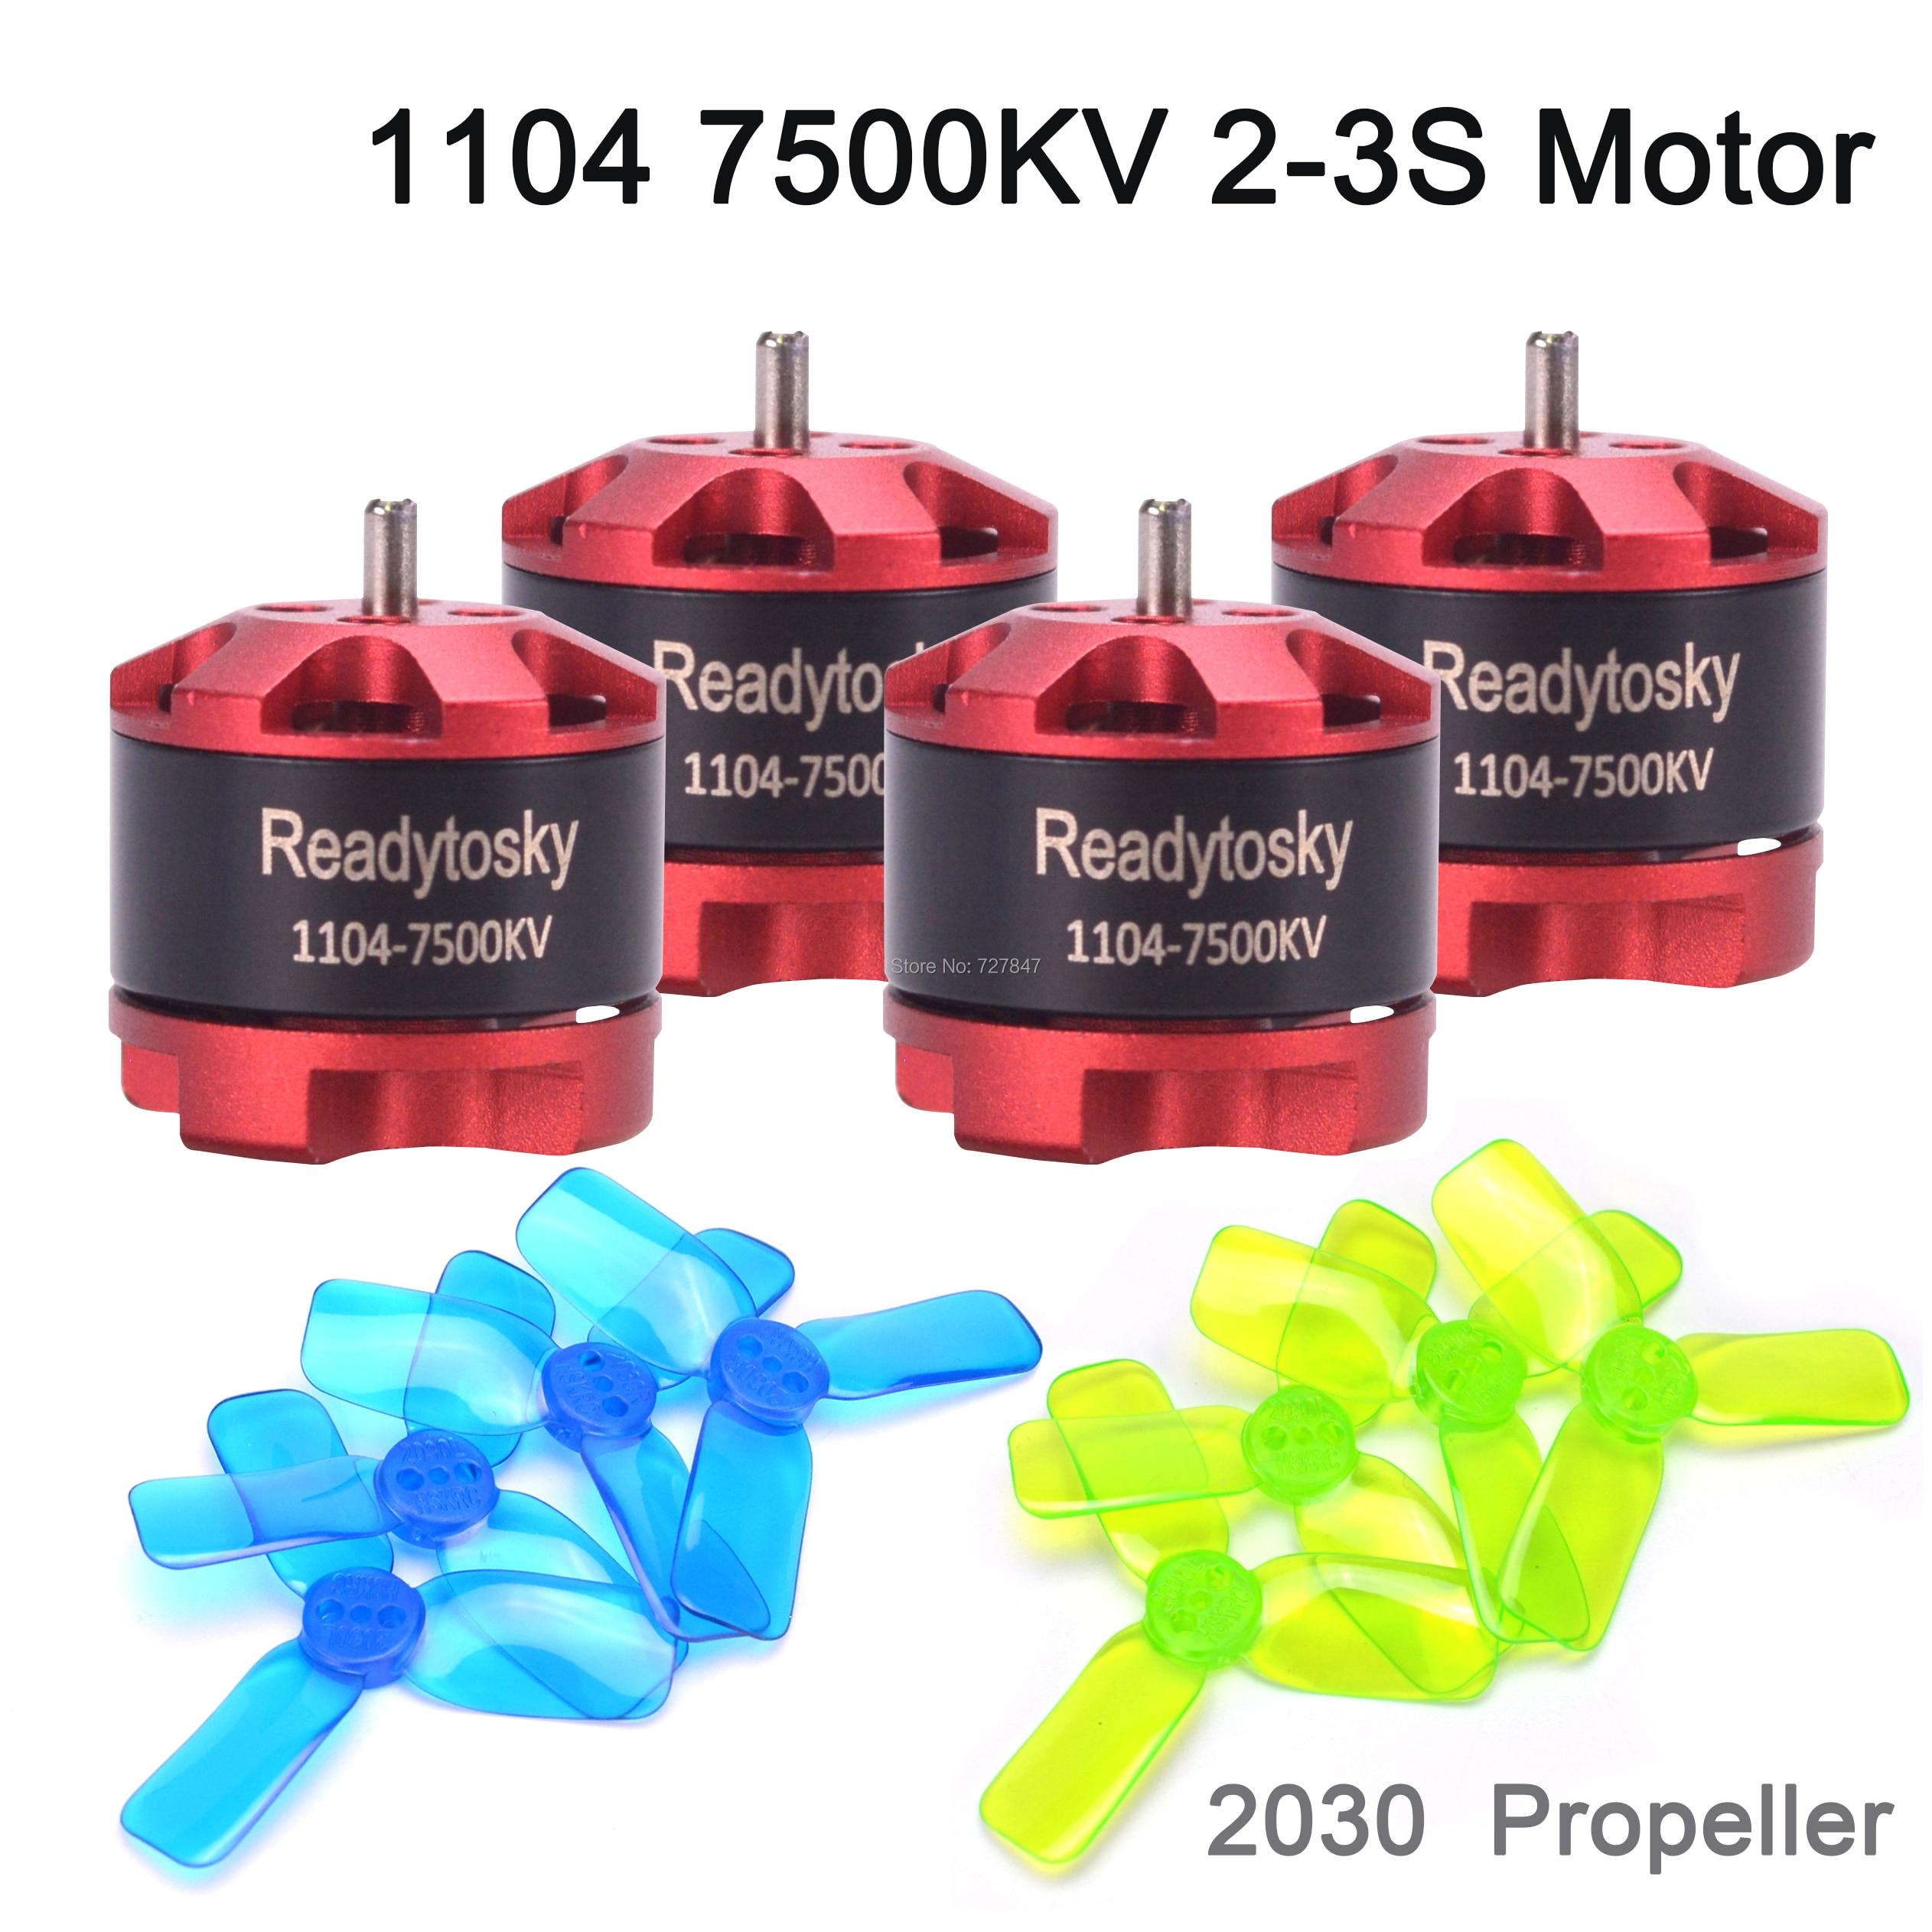 Новый 1104 7500kv 2-3s миниатюрный бесщёточный электродвигатель 2030 пропеллер для RC 80 90 100 мм 120 мм ELF 88 мм 88 мини Мультикоптер Дрон